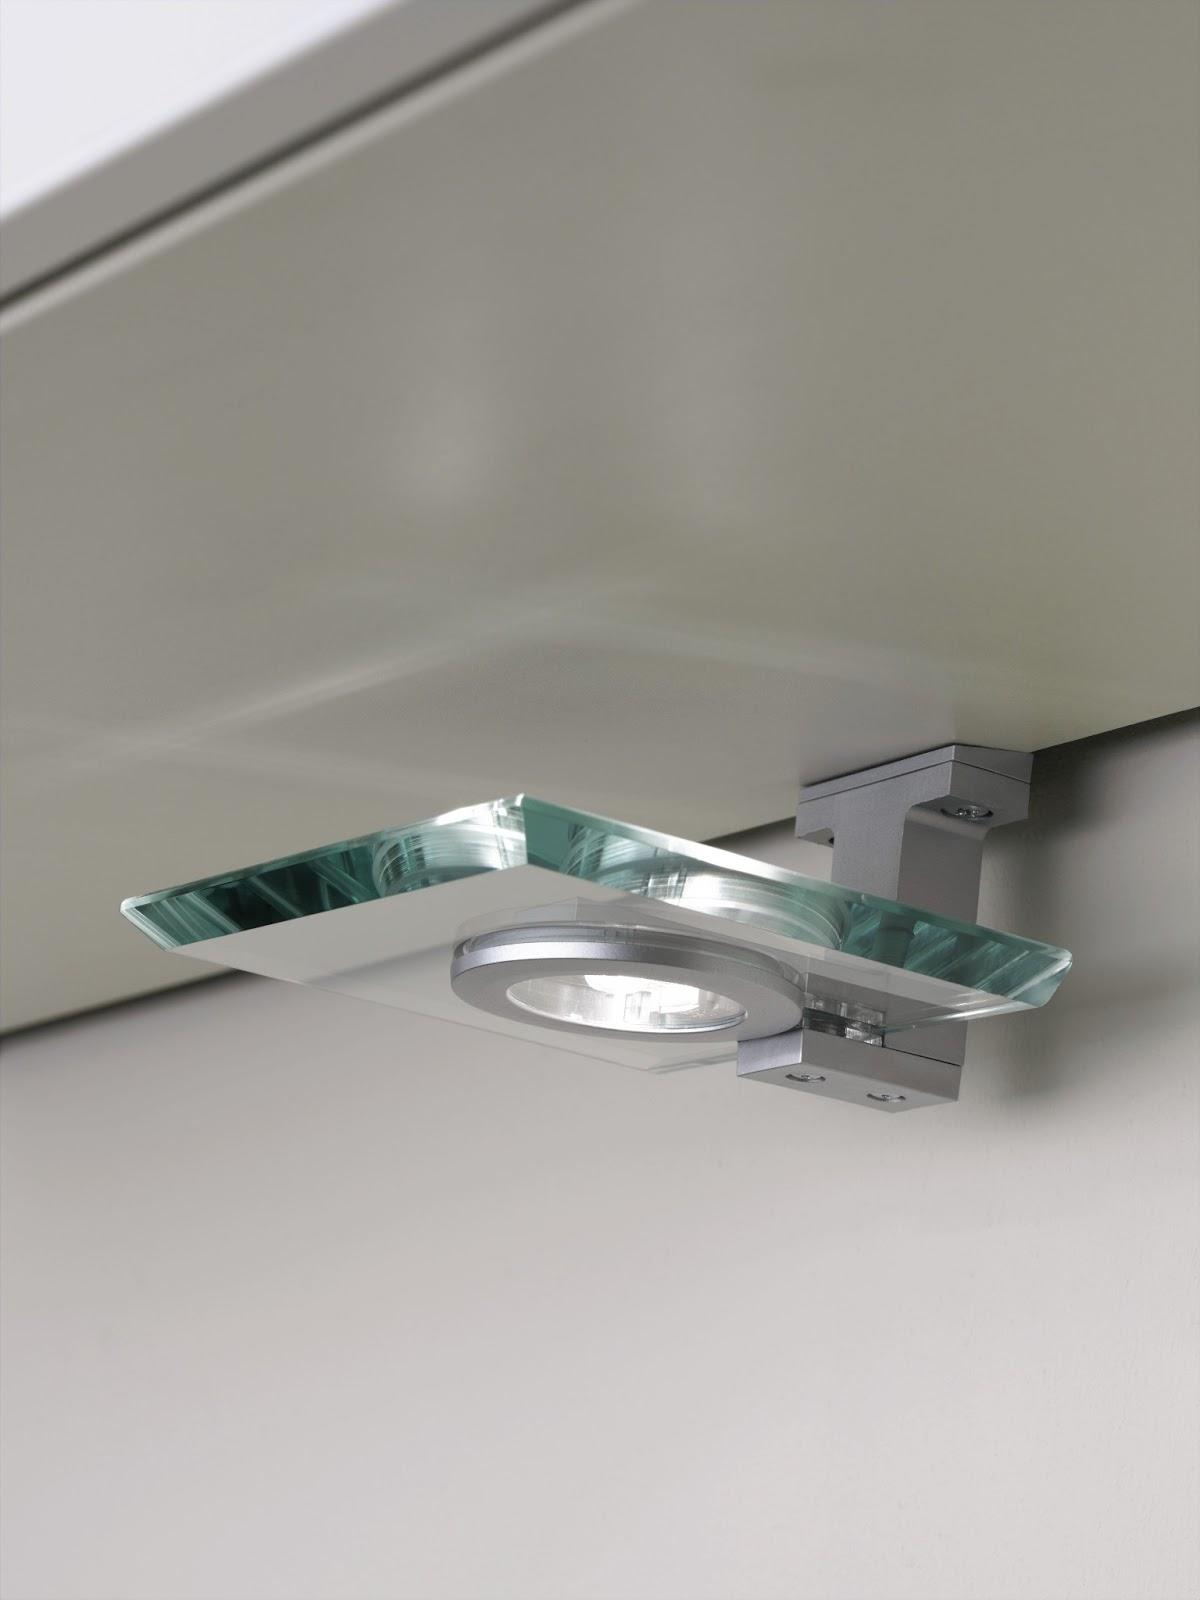 Lumiere Sous Placard Cuisine eclairage meuble de cuisine - novocom.top